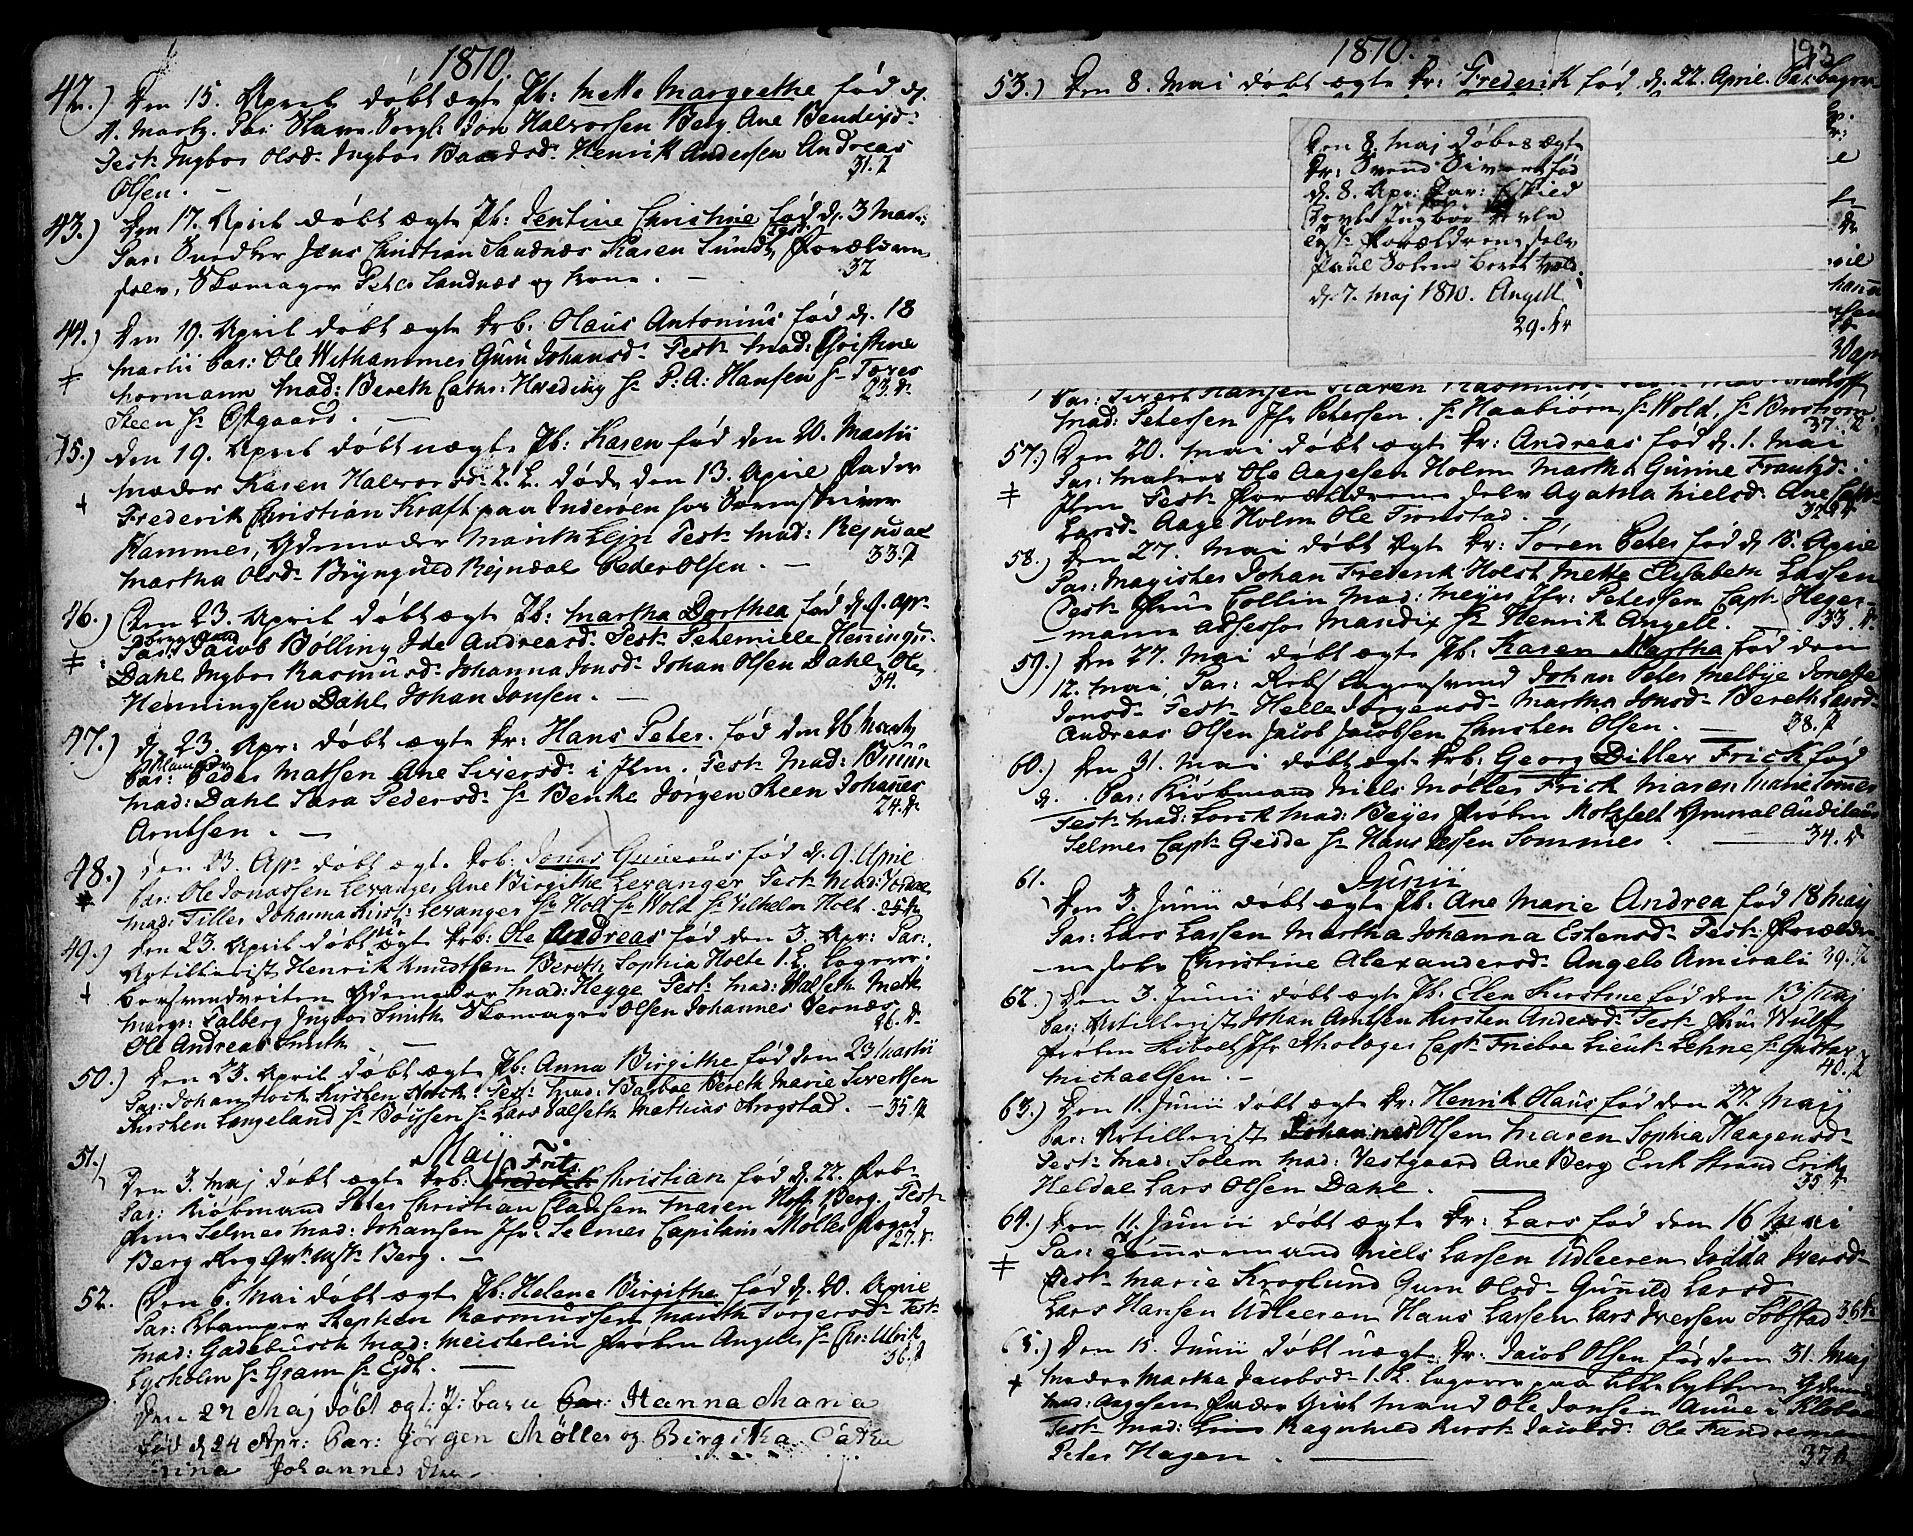 SAT, Ministerialprotokoller, klokkerbøker og fødselsregistre - Sør-Trøndelag, 601/L0039: Ministerialbok nr. 601A07, 1770-1819, s. 193